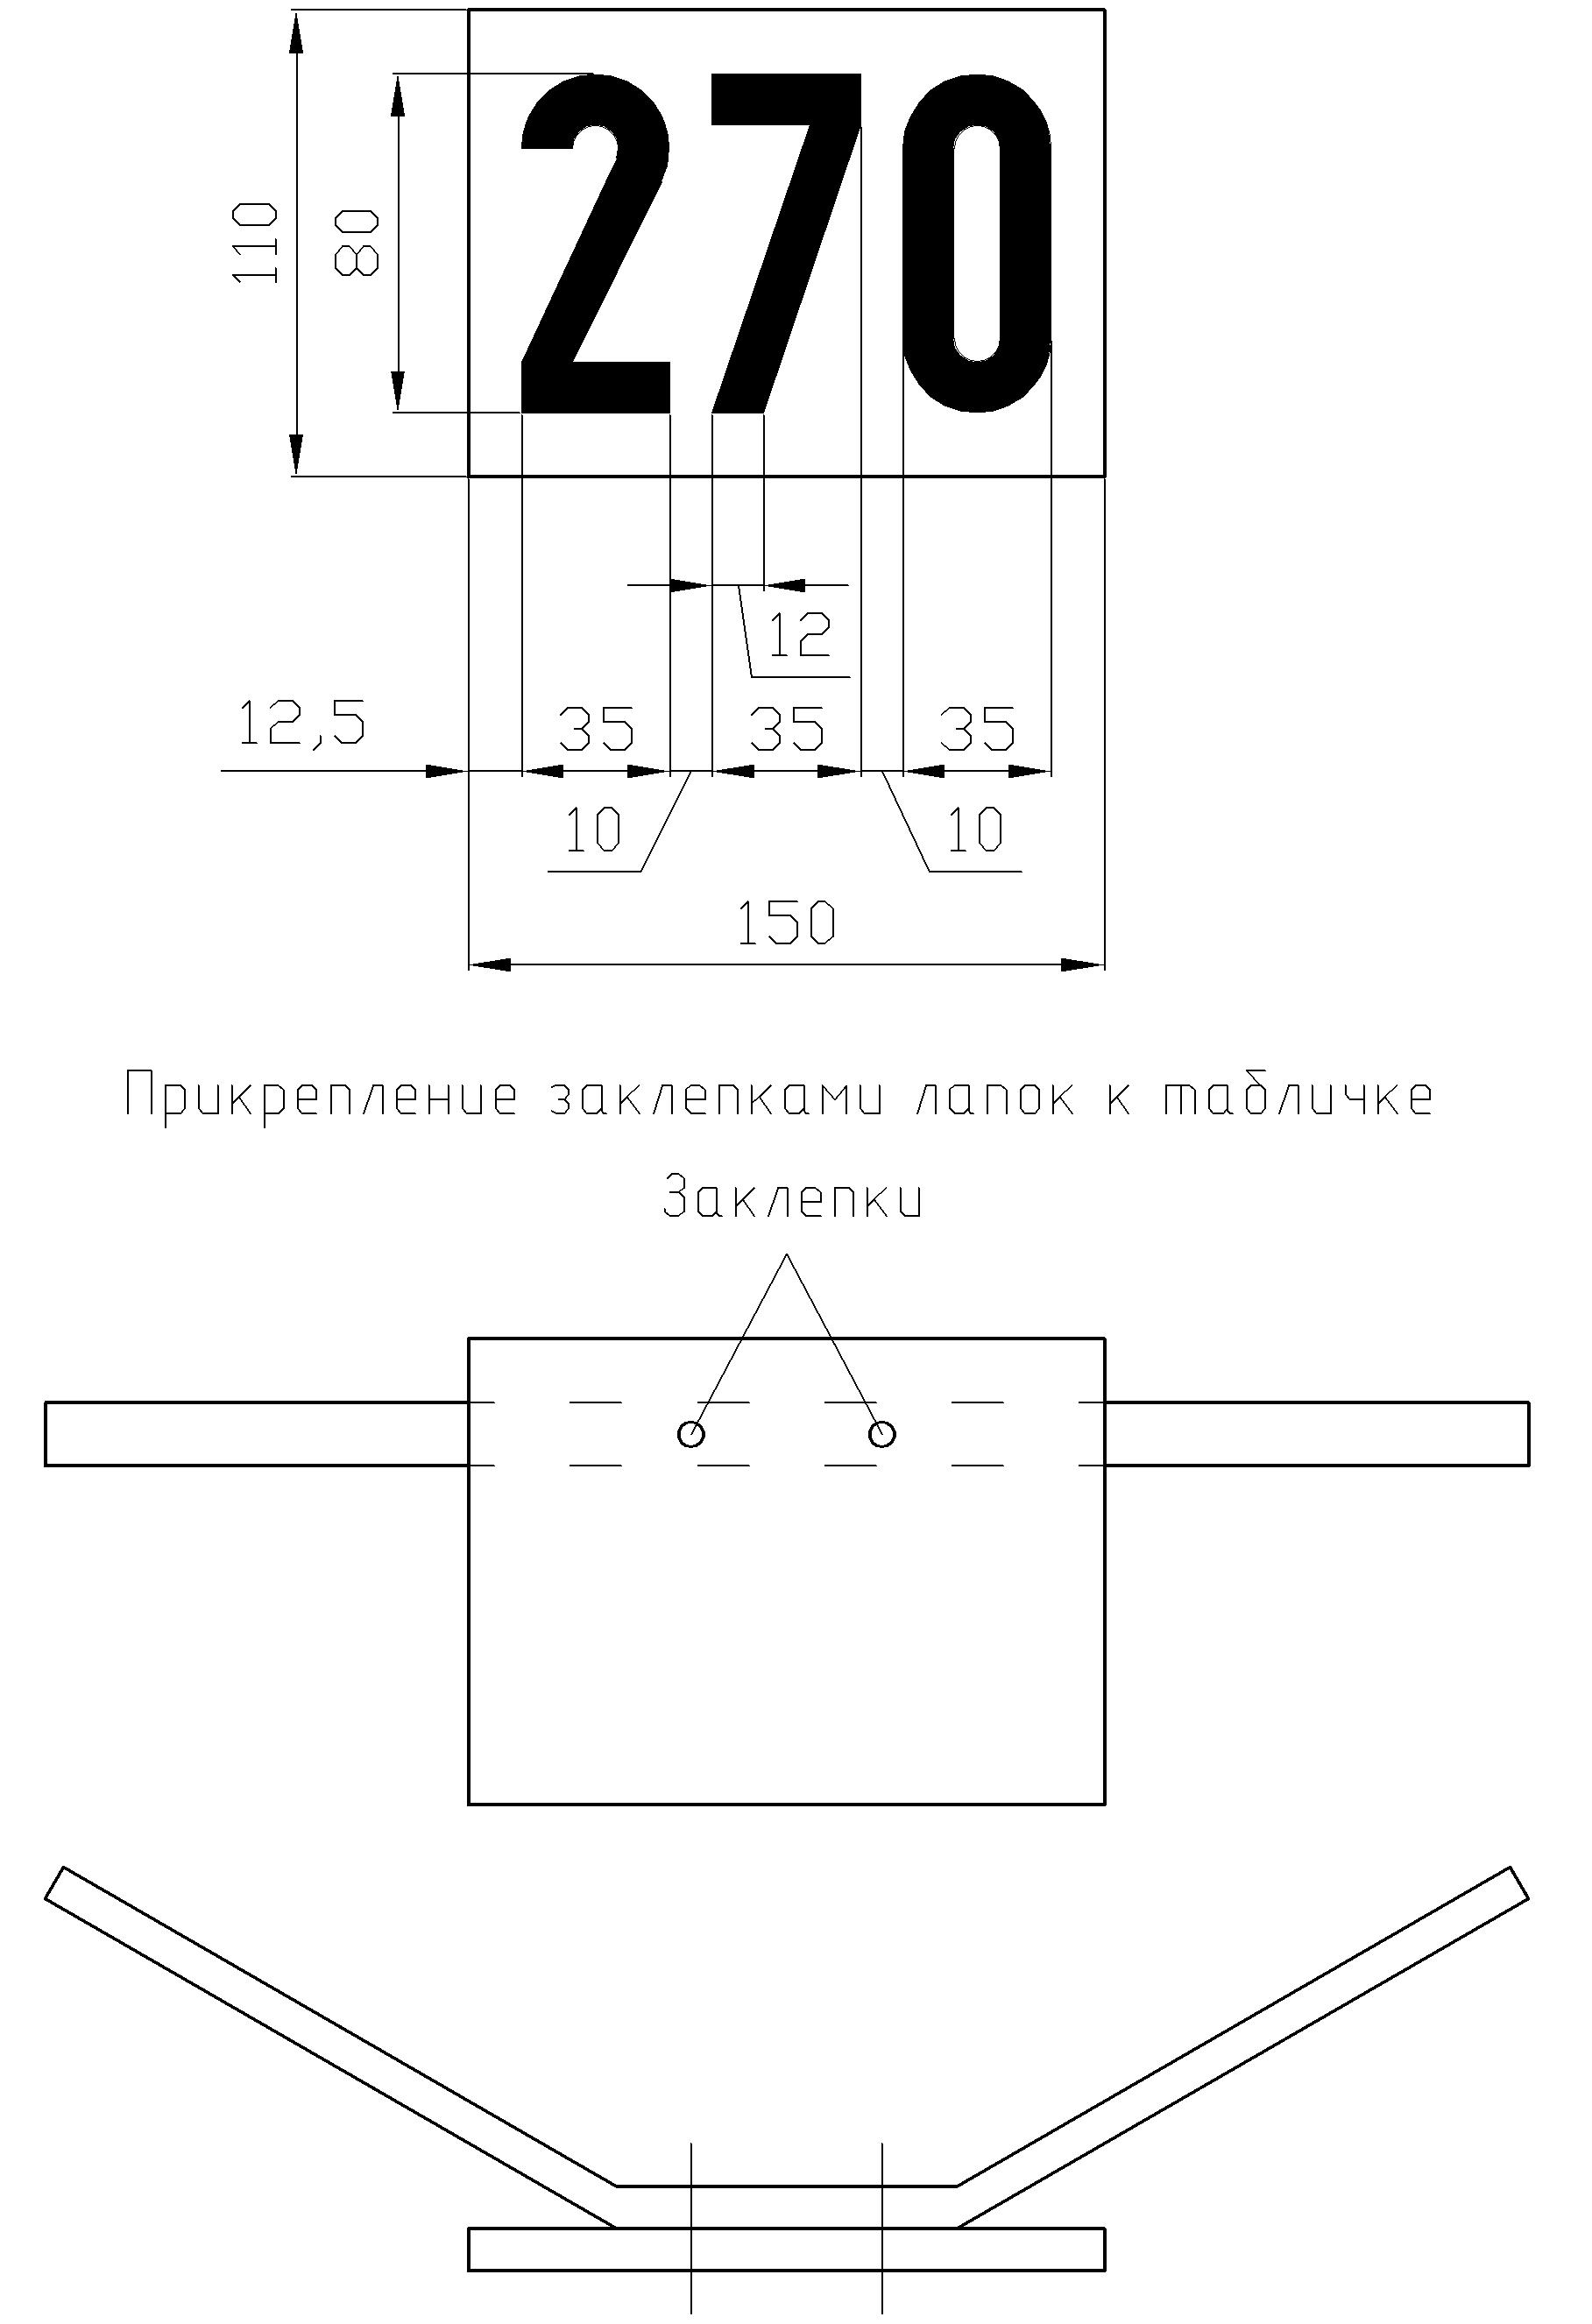 Рисунок 54. Путевой особый знак номера стрелки